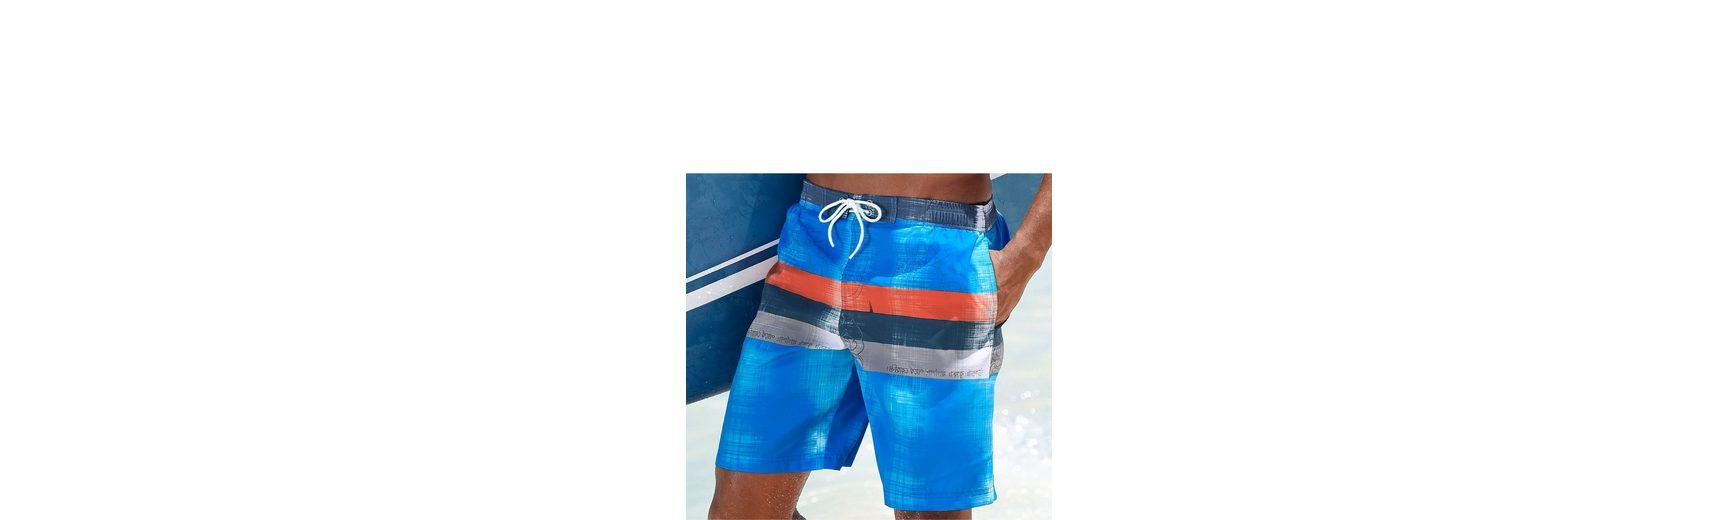 Billig Verkauf Hochwertiger Chiemsee Badeshorts im sportiven Look Erkunden Günstigen Preis Rabatt Eastbay tQxTU9xW